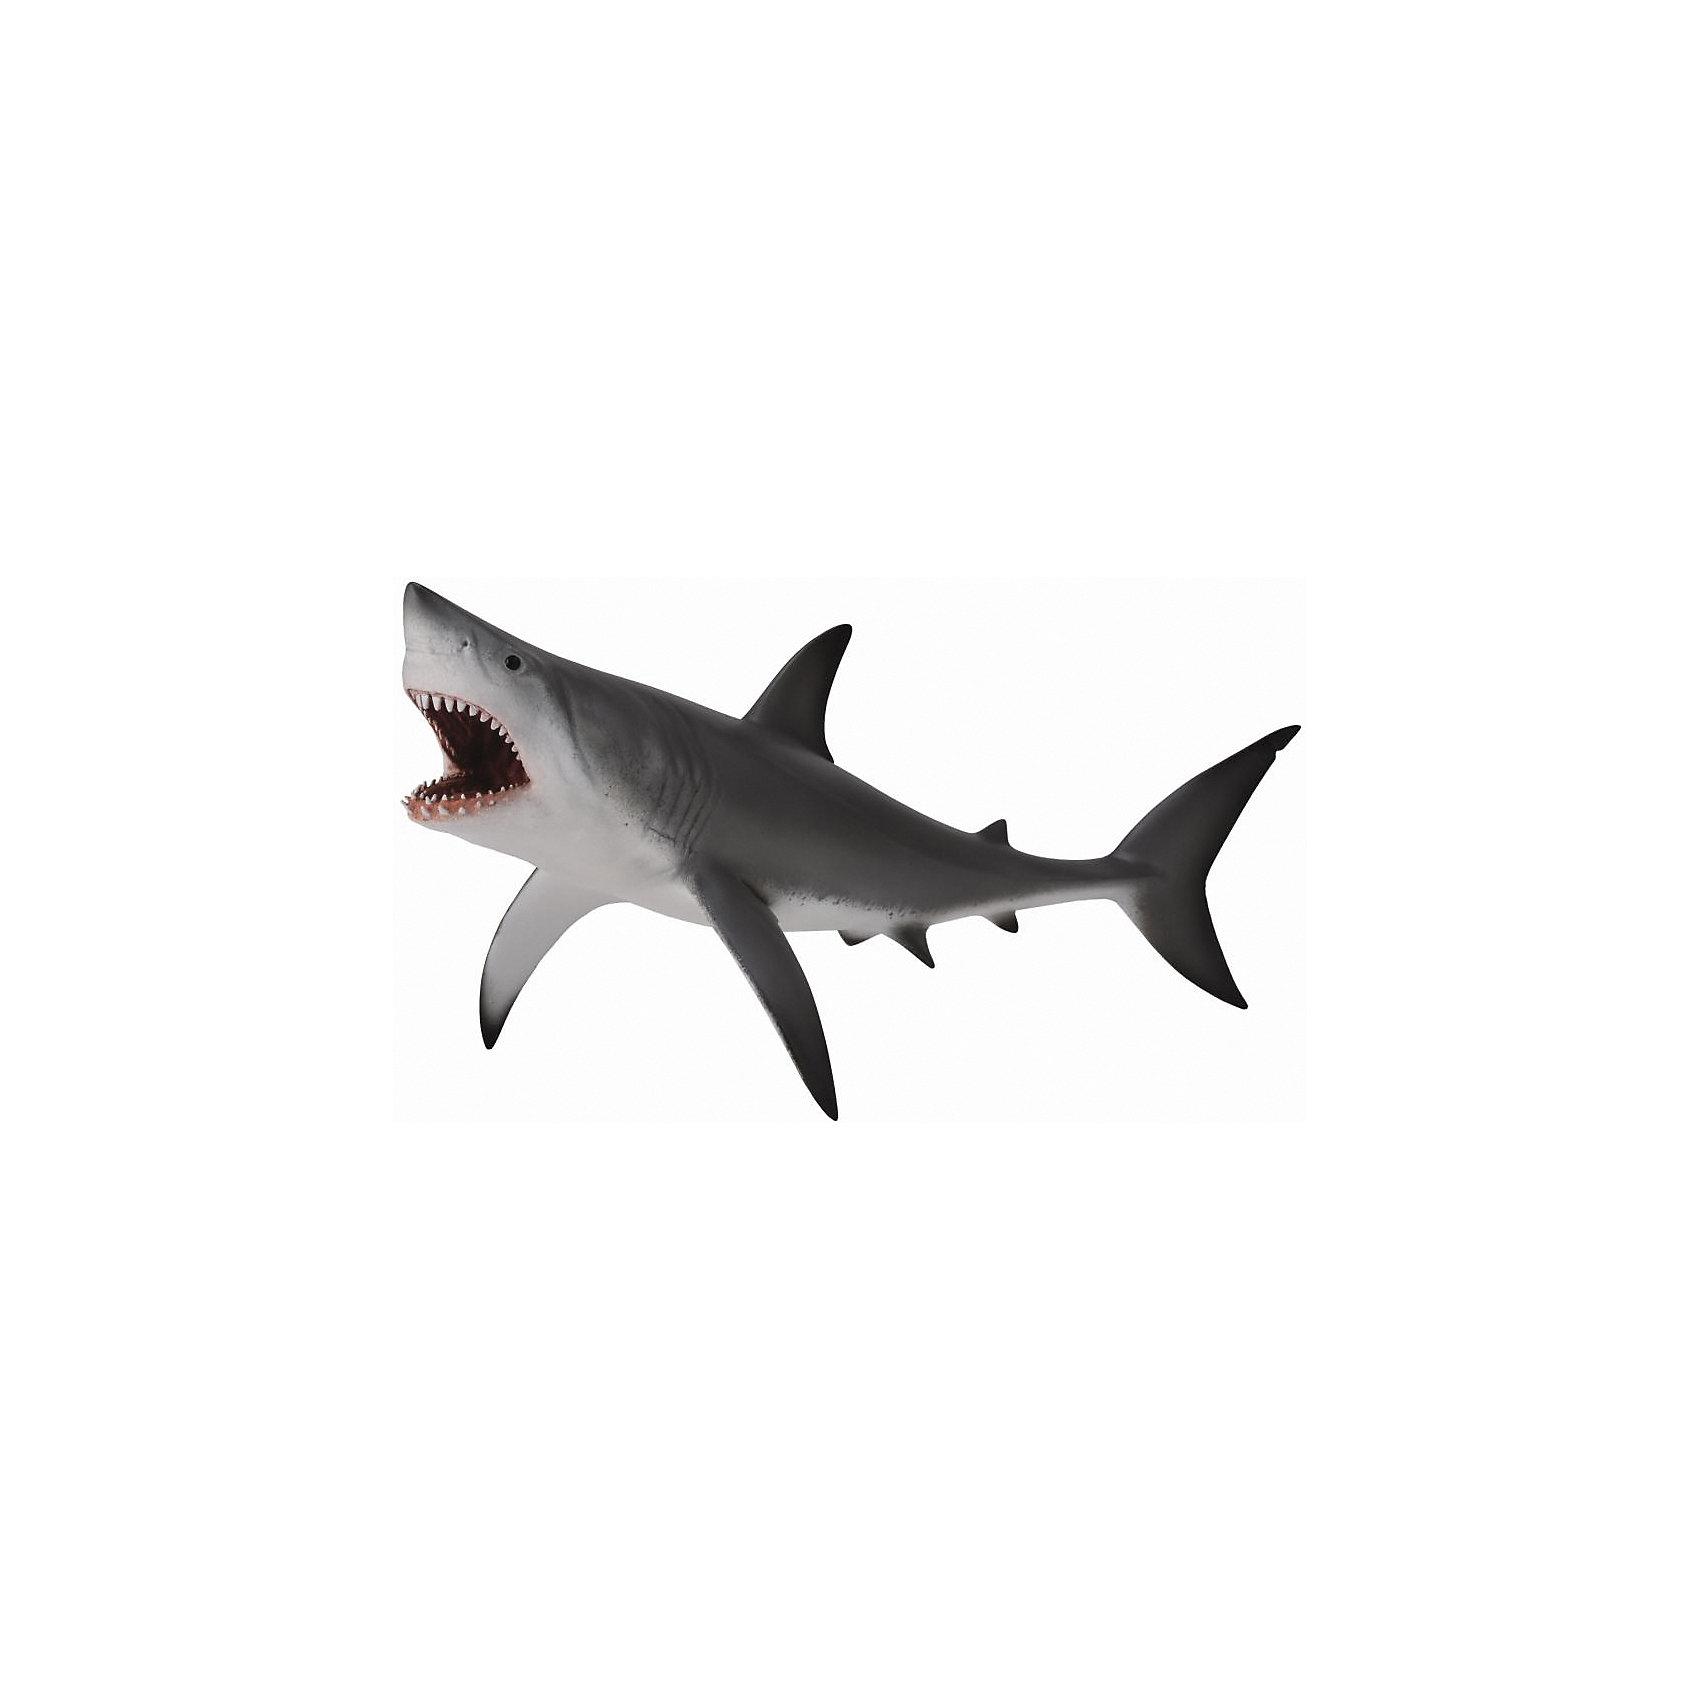 Акула большая белая (XL), CollectaМир животных<br><br><br>Ширина мм: 200<br>Глубина мм: 10<br>Высота мм: 10<br>Вес г: 46<br>Возраст от месяцев: 36<br>Возраст до месяцев: 192<br>Пол: Унисекс<br>Возраст: Детский<br>SKU: 5534533